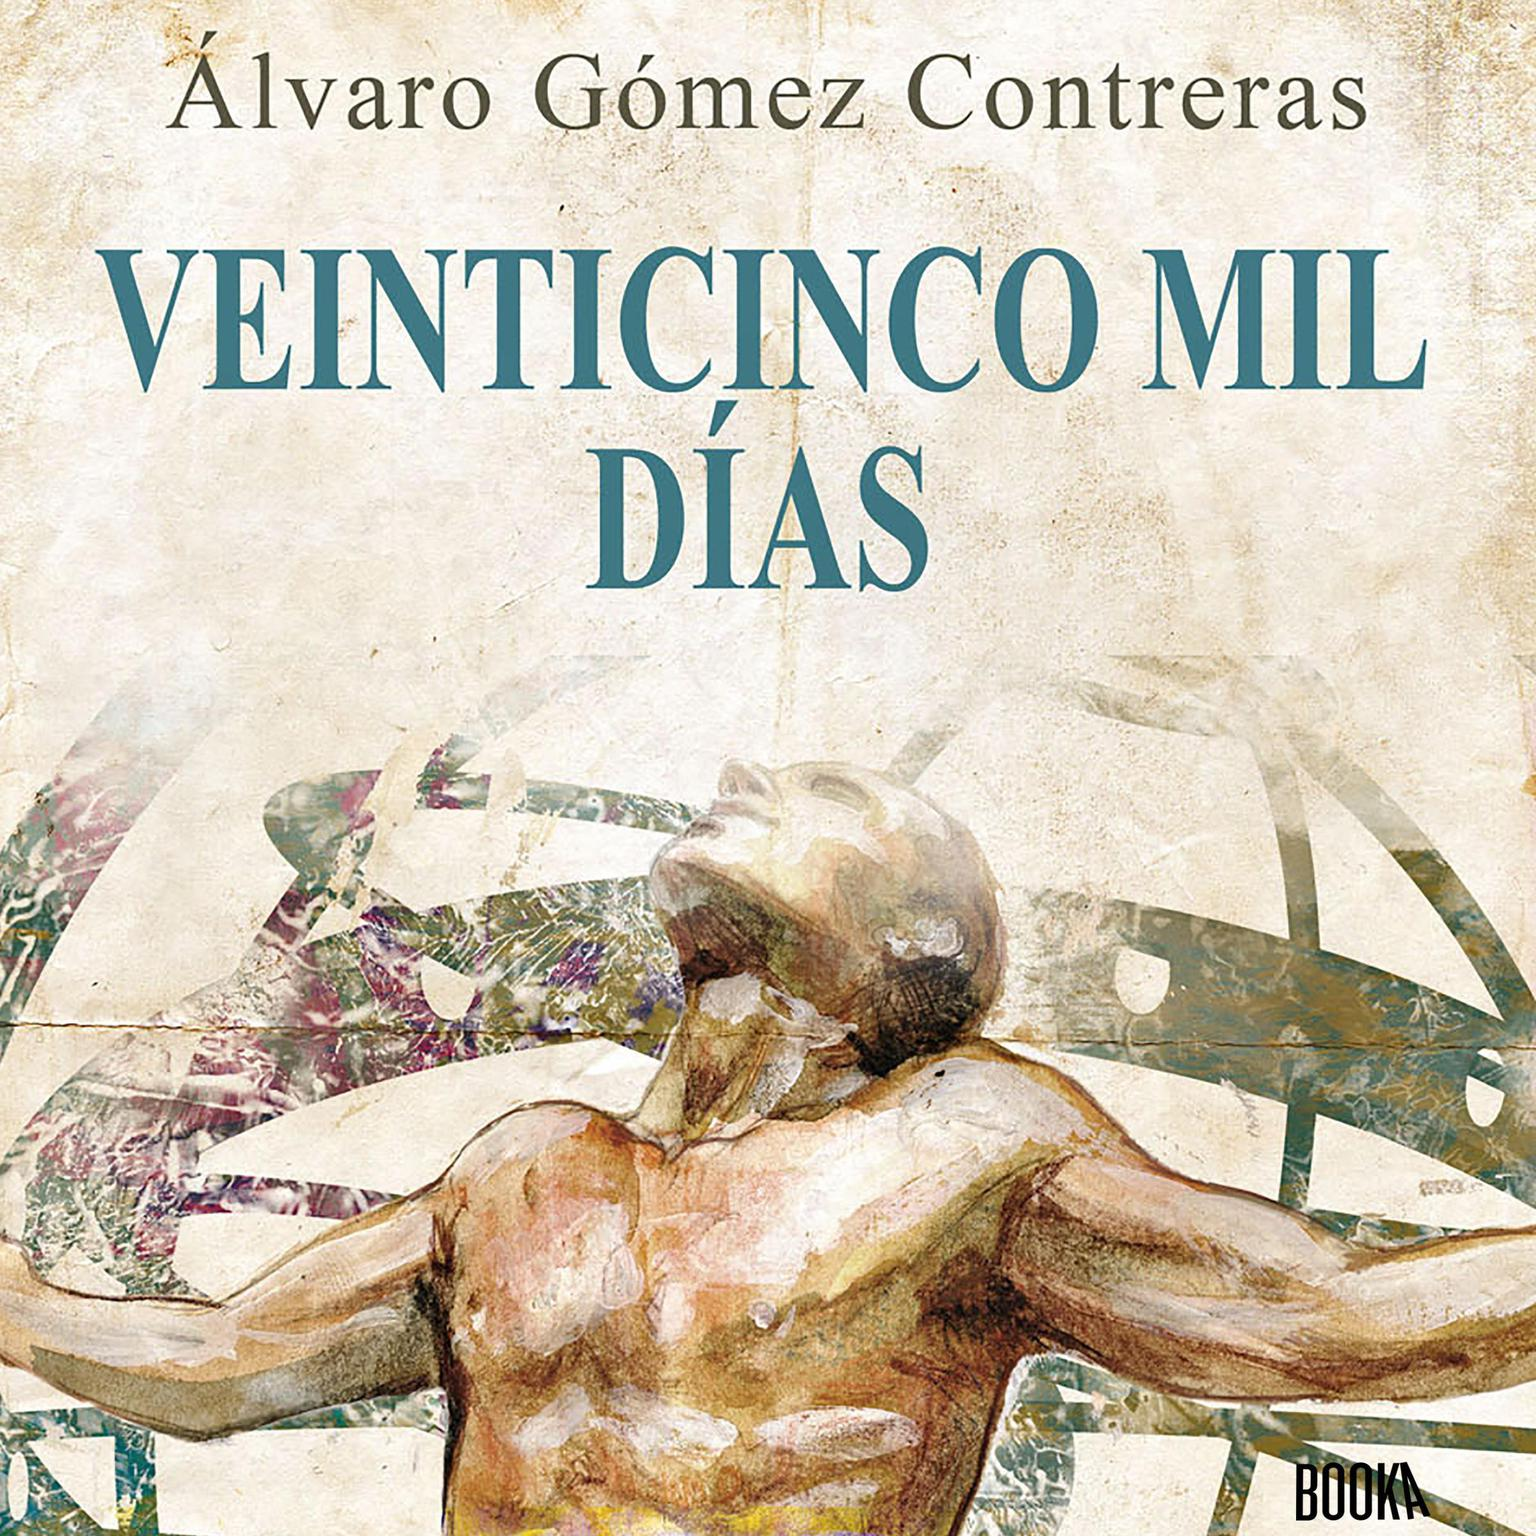 Veinticinco mil días: Relatos Cortos Sobre Desarrollo Personal Audiobook, by Alvaro Gomez